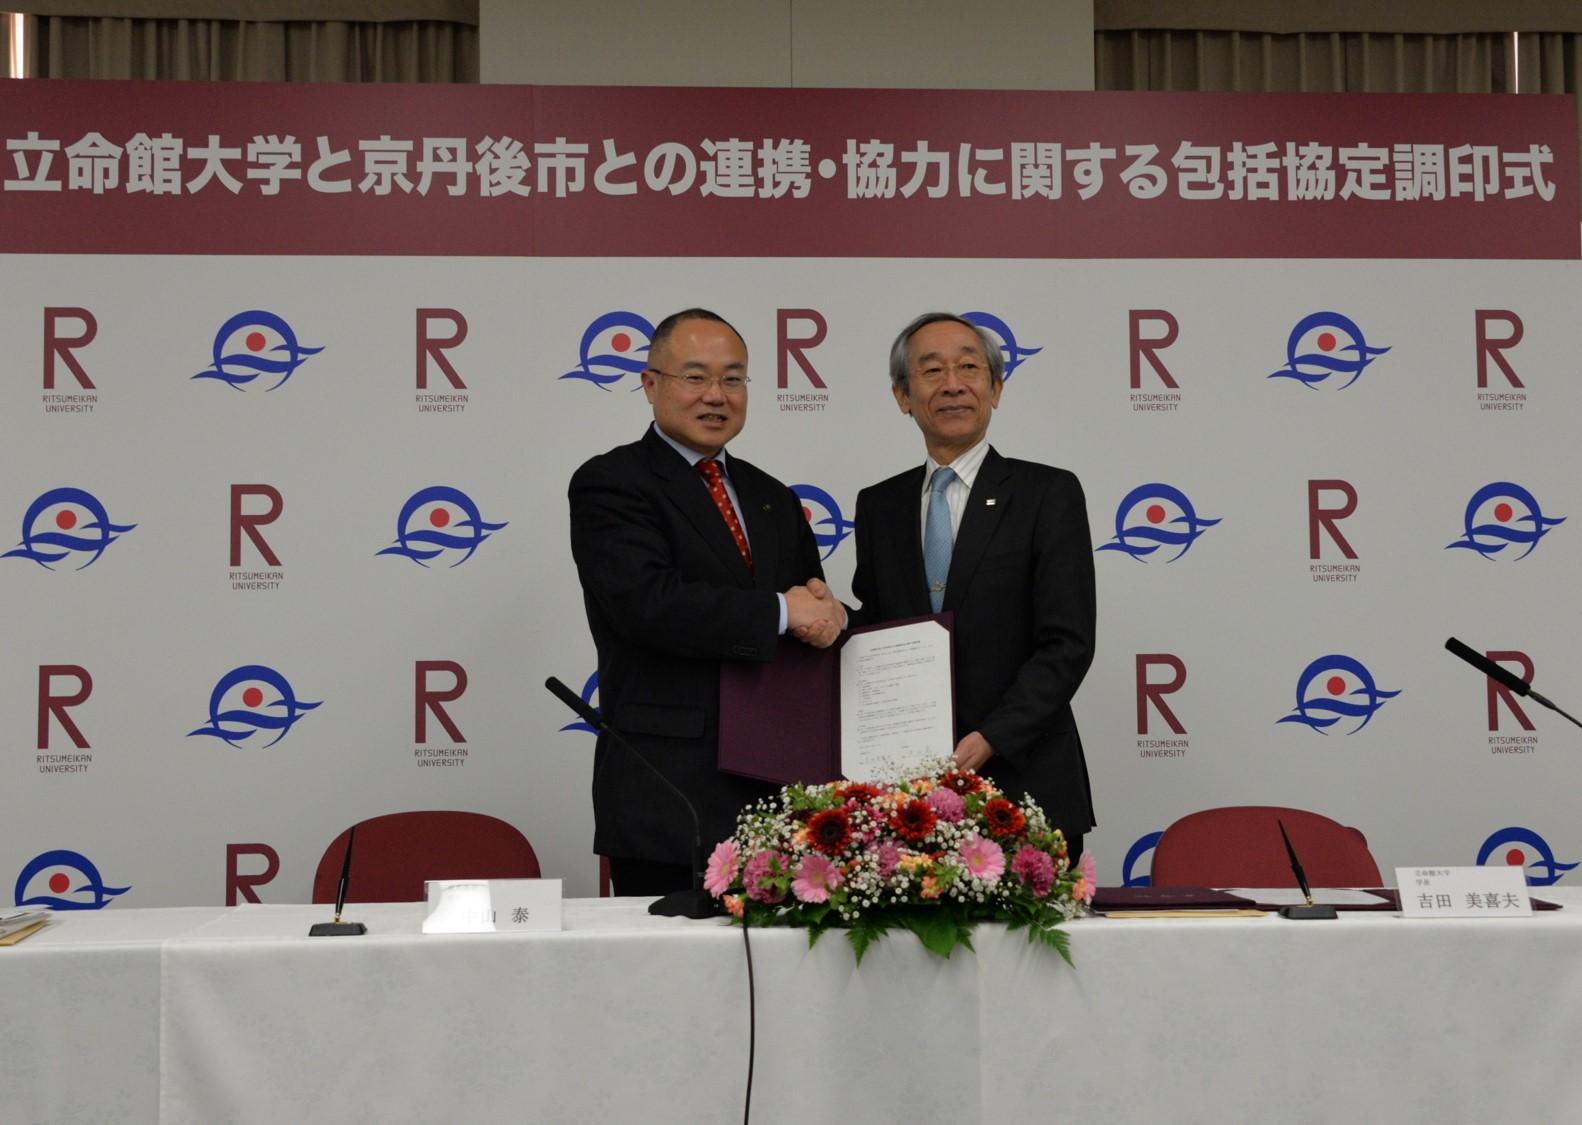 立命館大学と京丹後市が連携・協力に関する包括協定を締結